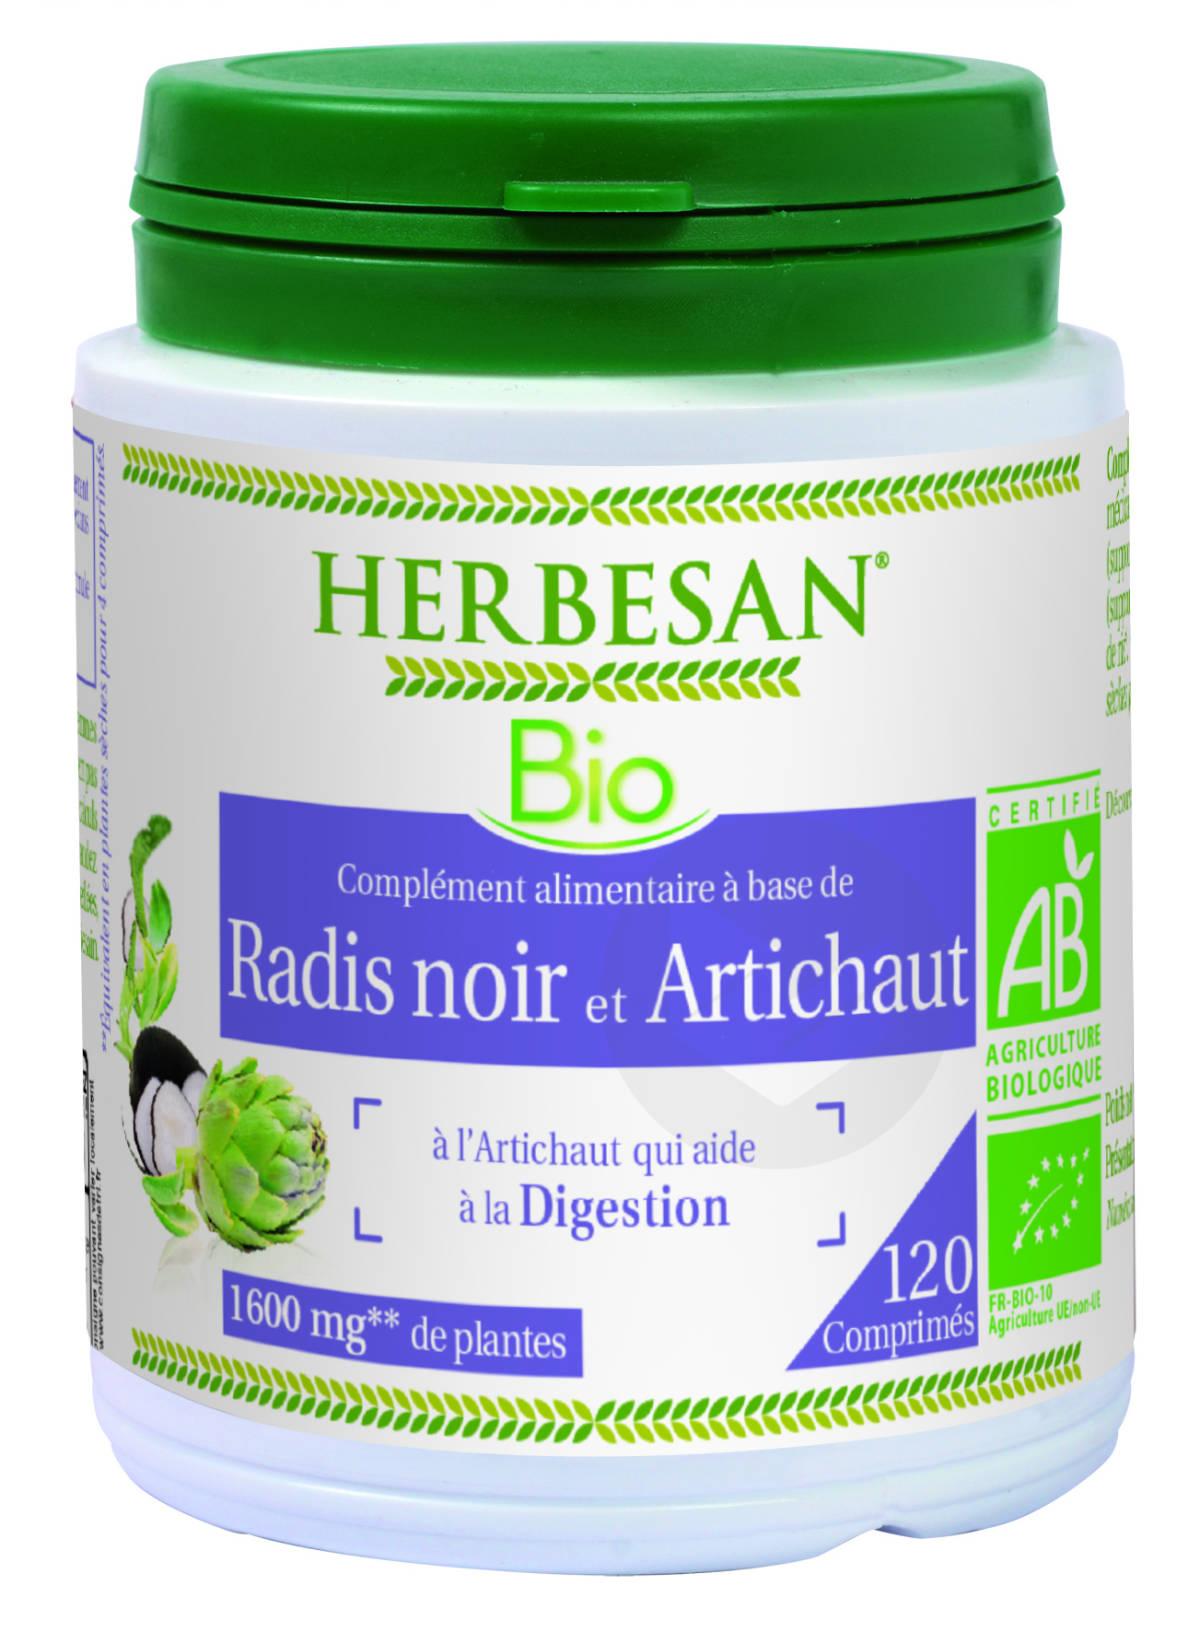 Radis Noir Artichaut Bio 120 Comprimes